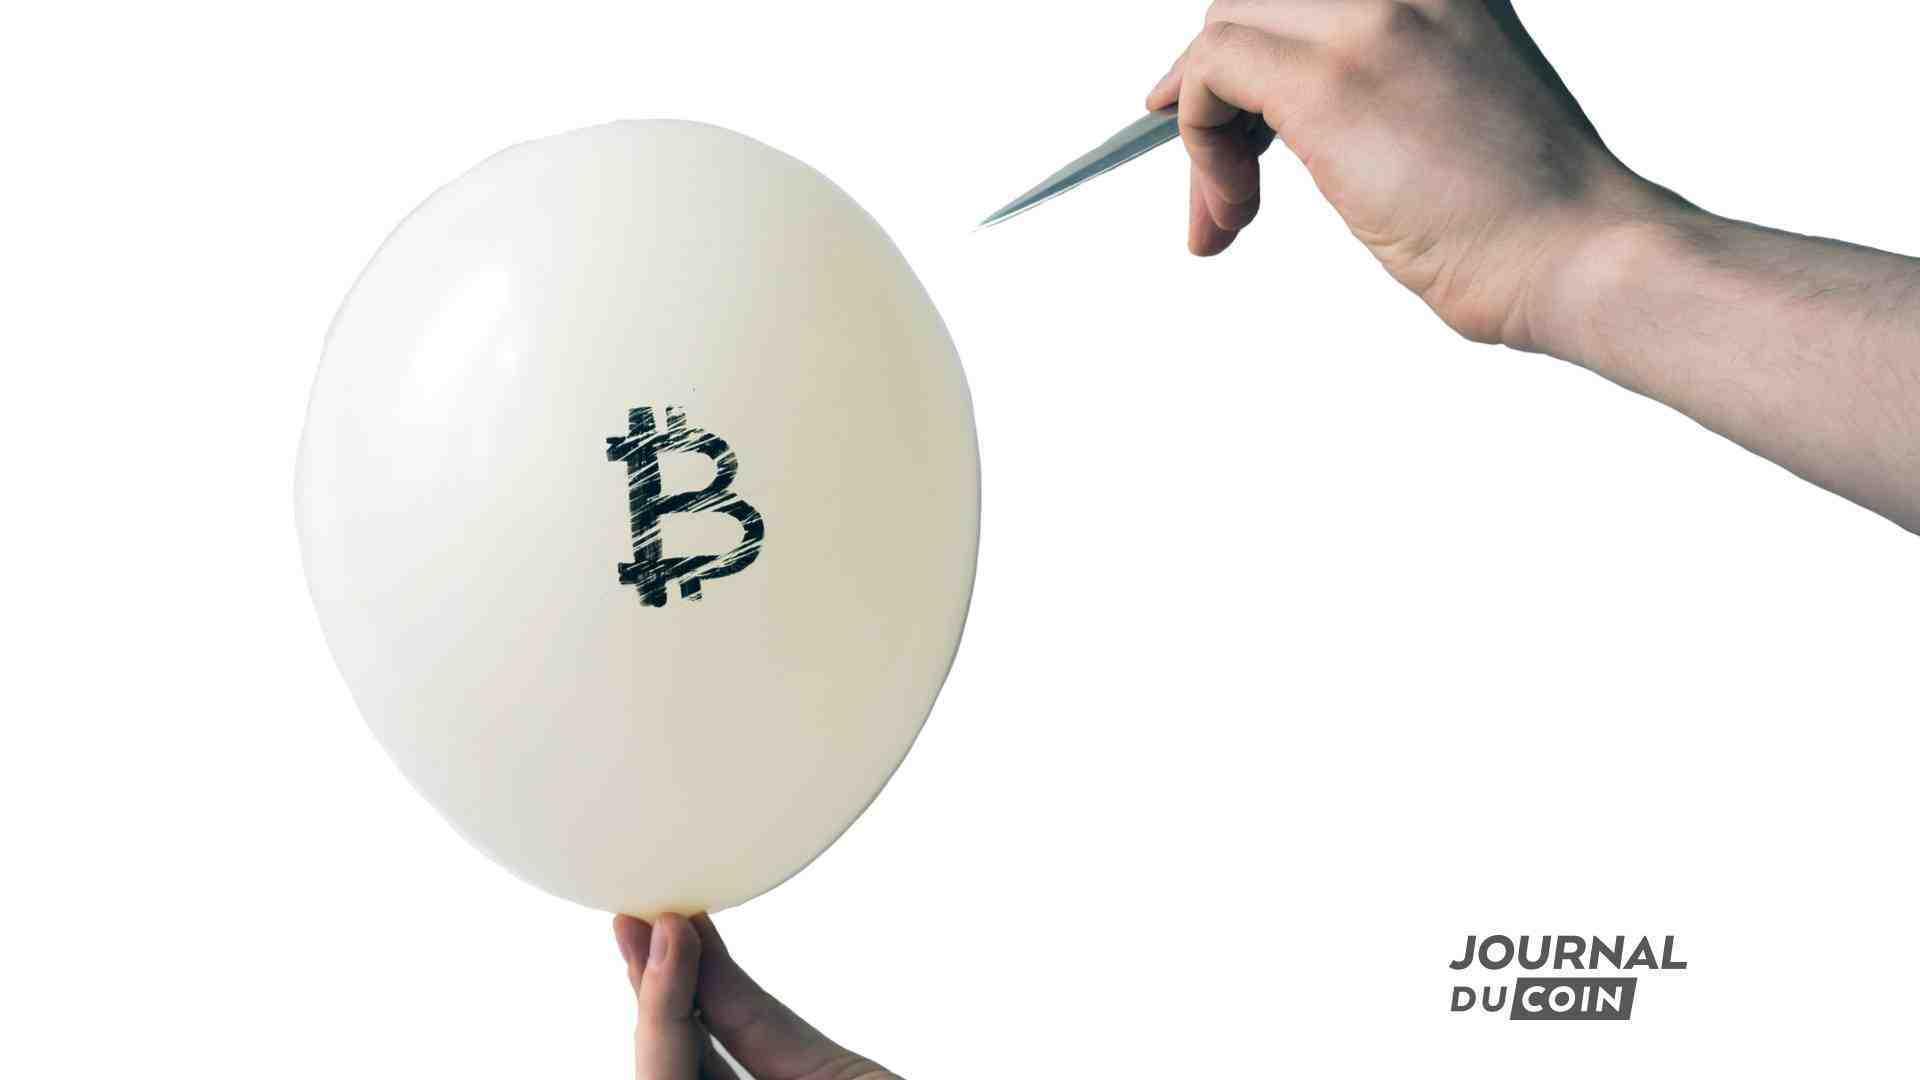 Dans ses projections, Pantera Capital estime que Bitcoin pourrait atteindre un prix de 115.000 dollars dès août prochain sur la base du modèle Stock-to-Flow. Le BTC affiche déjà de l'avance sur ces prévisions.